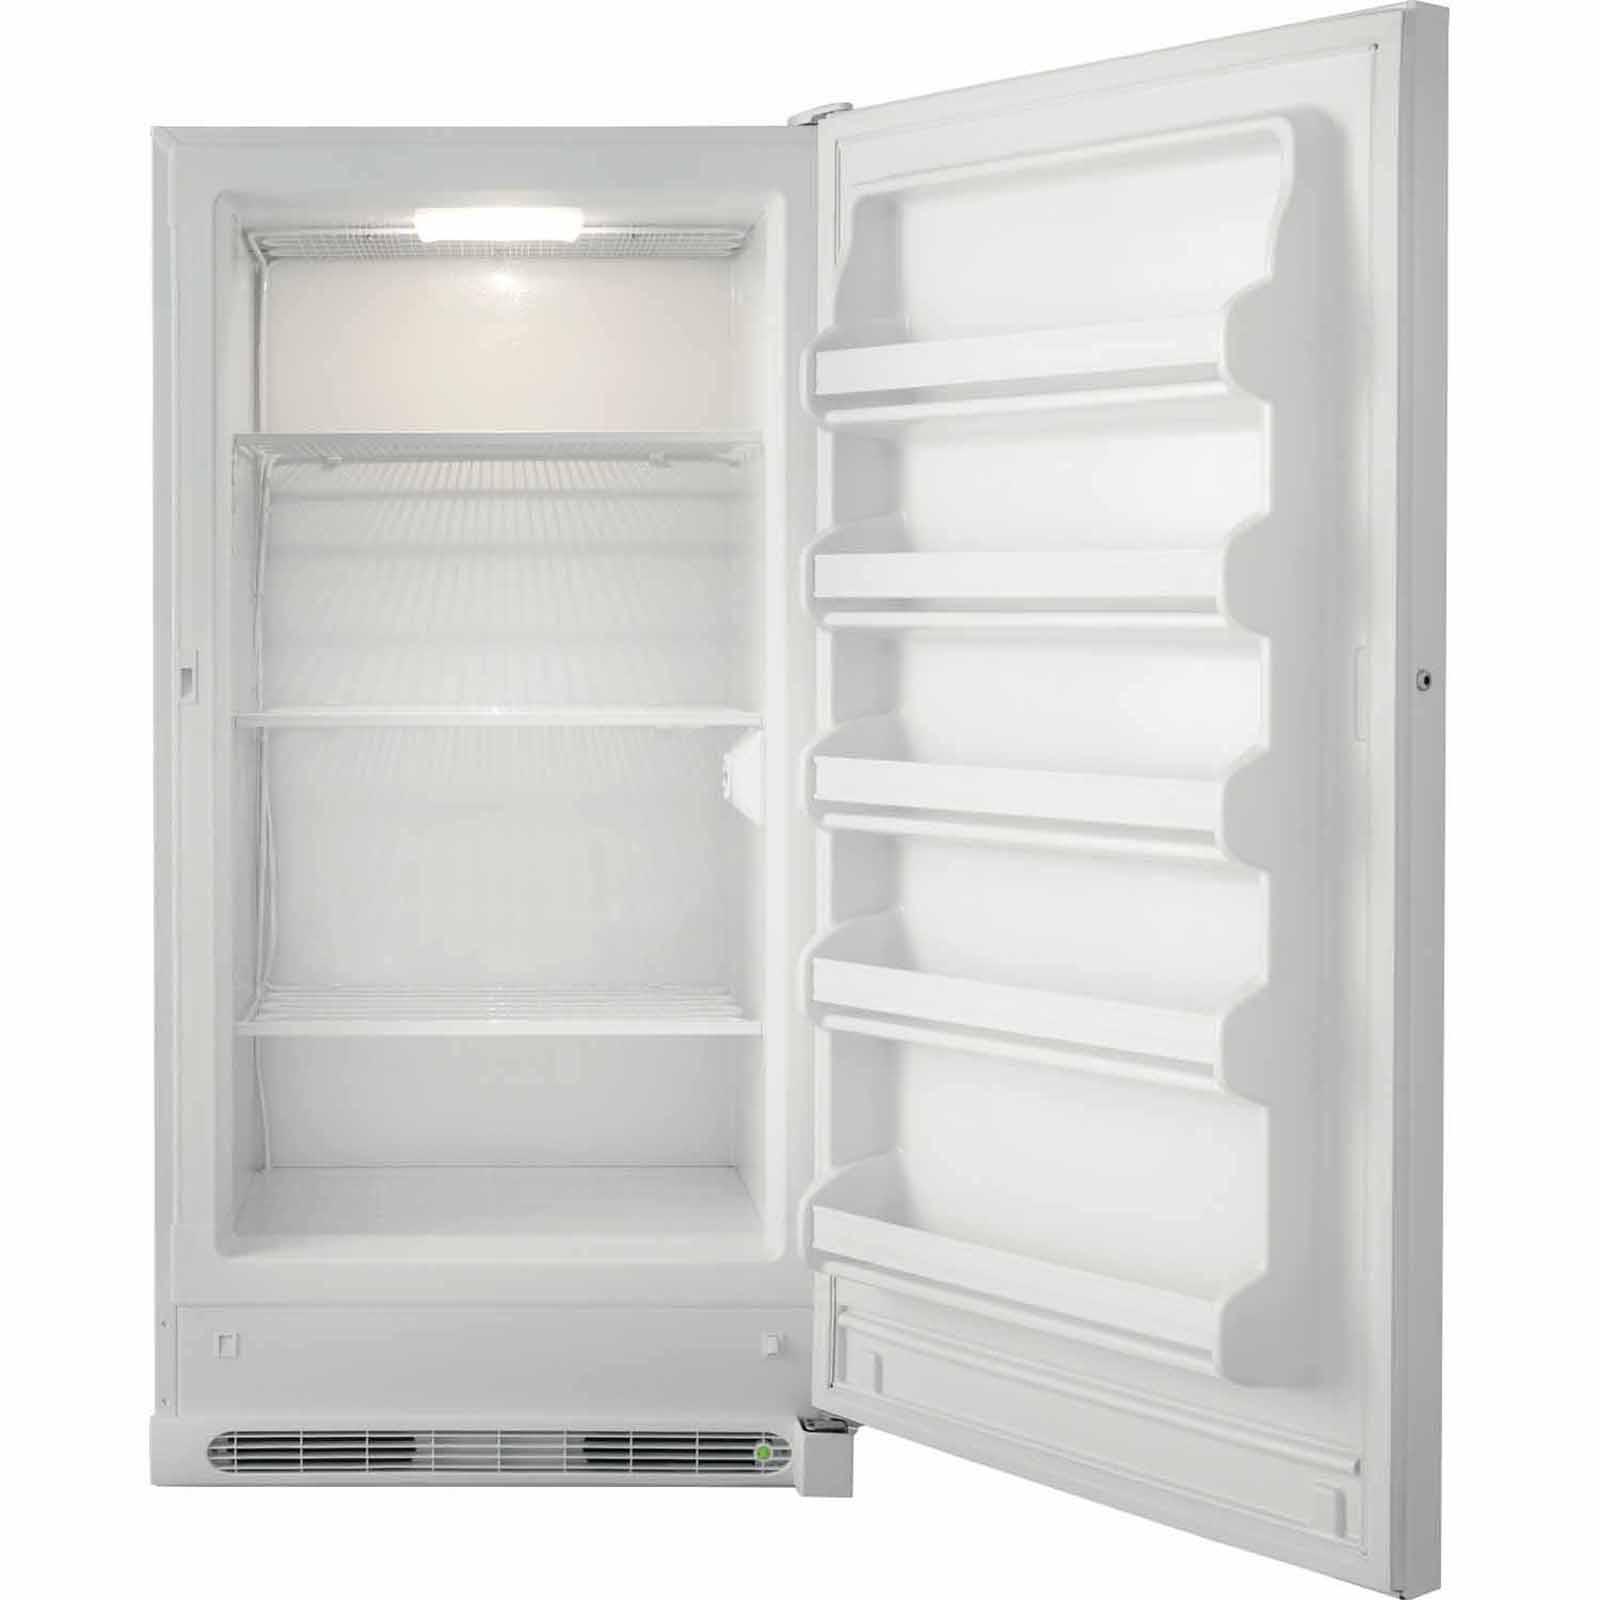 Frigidaire FFFU17M1QW 17.4 cu. ft. Upright Freezer - White